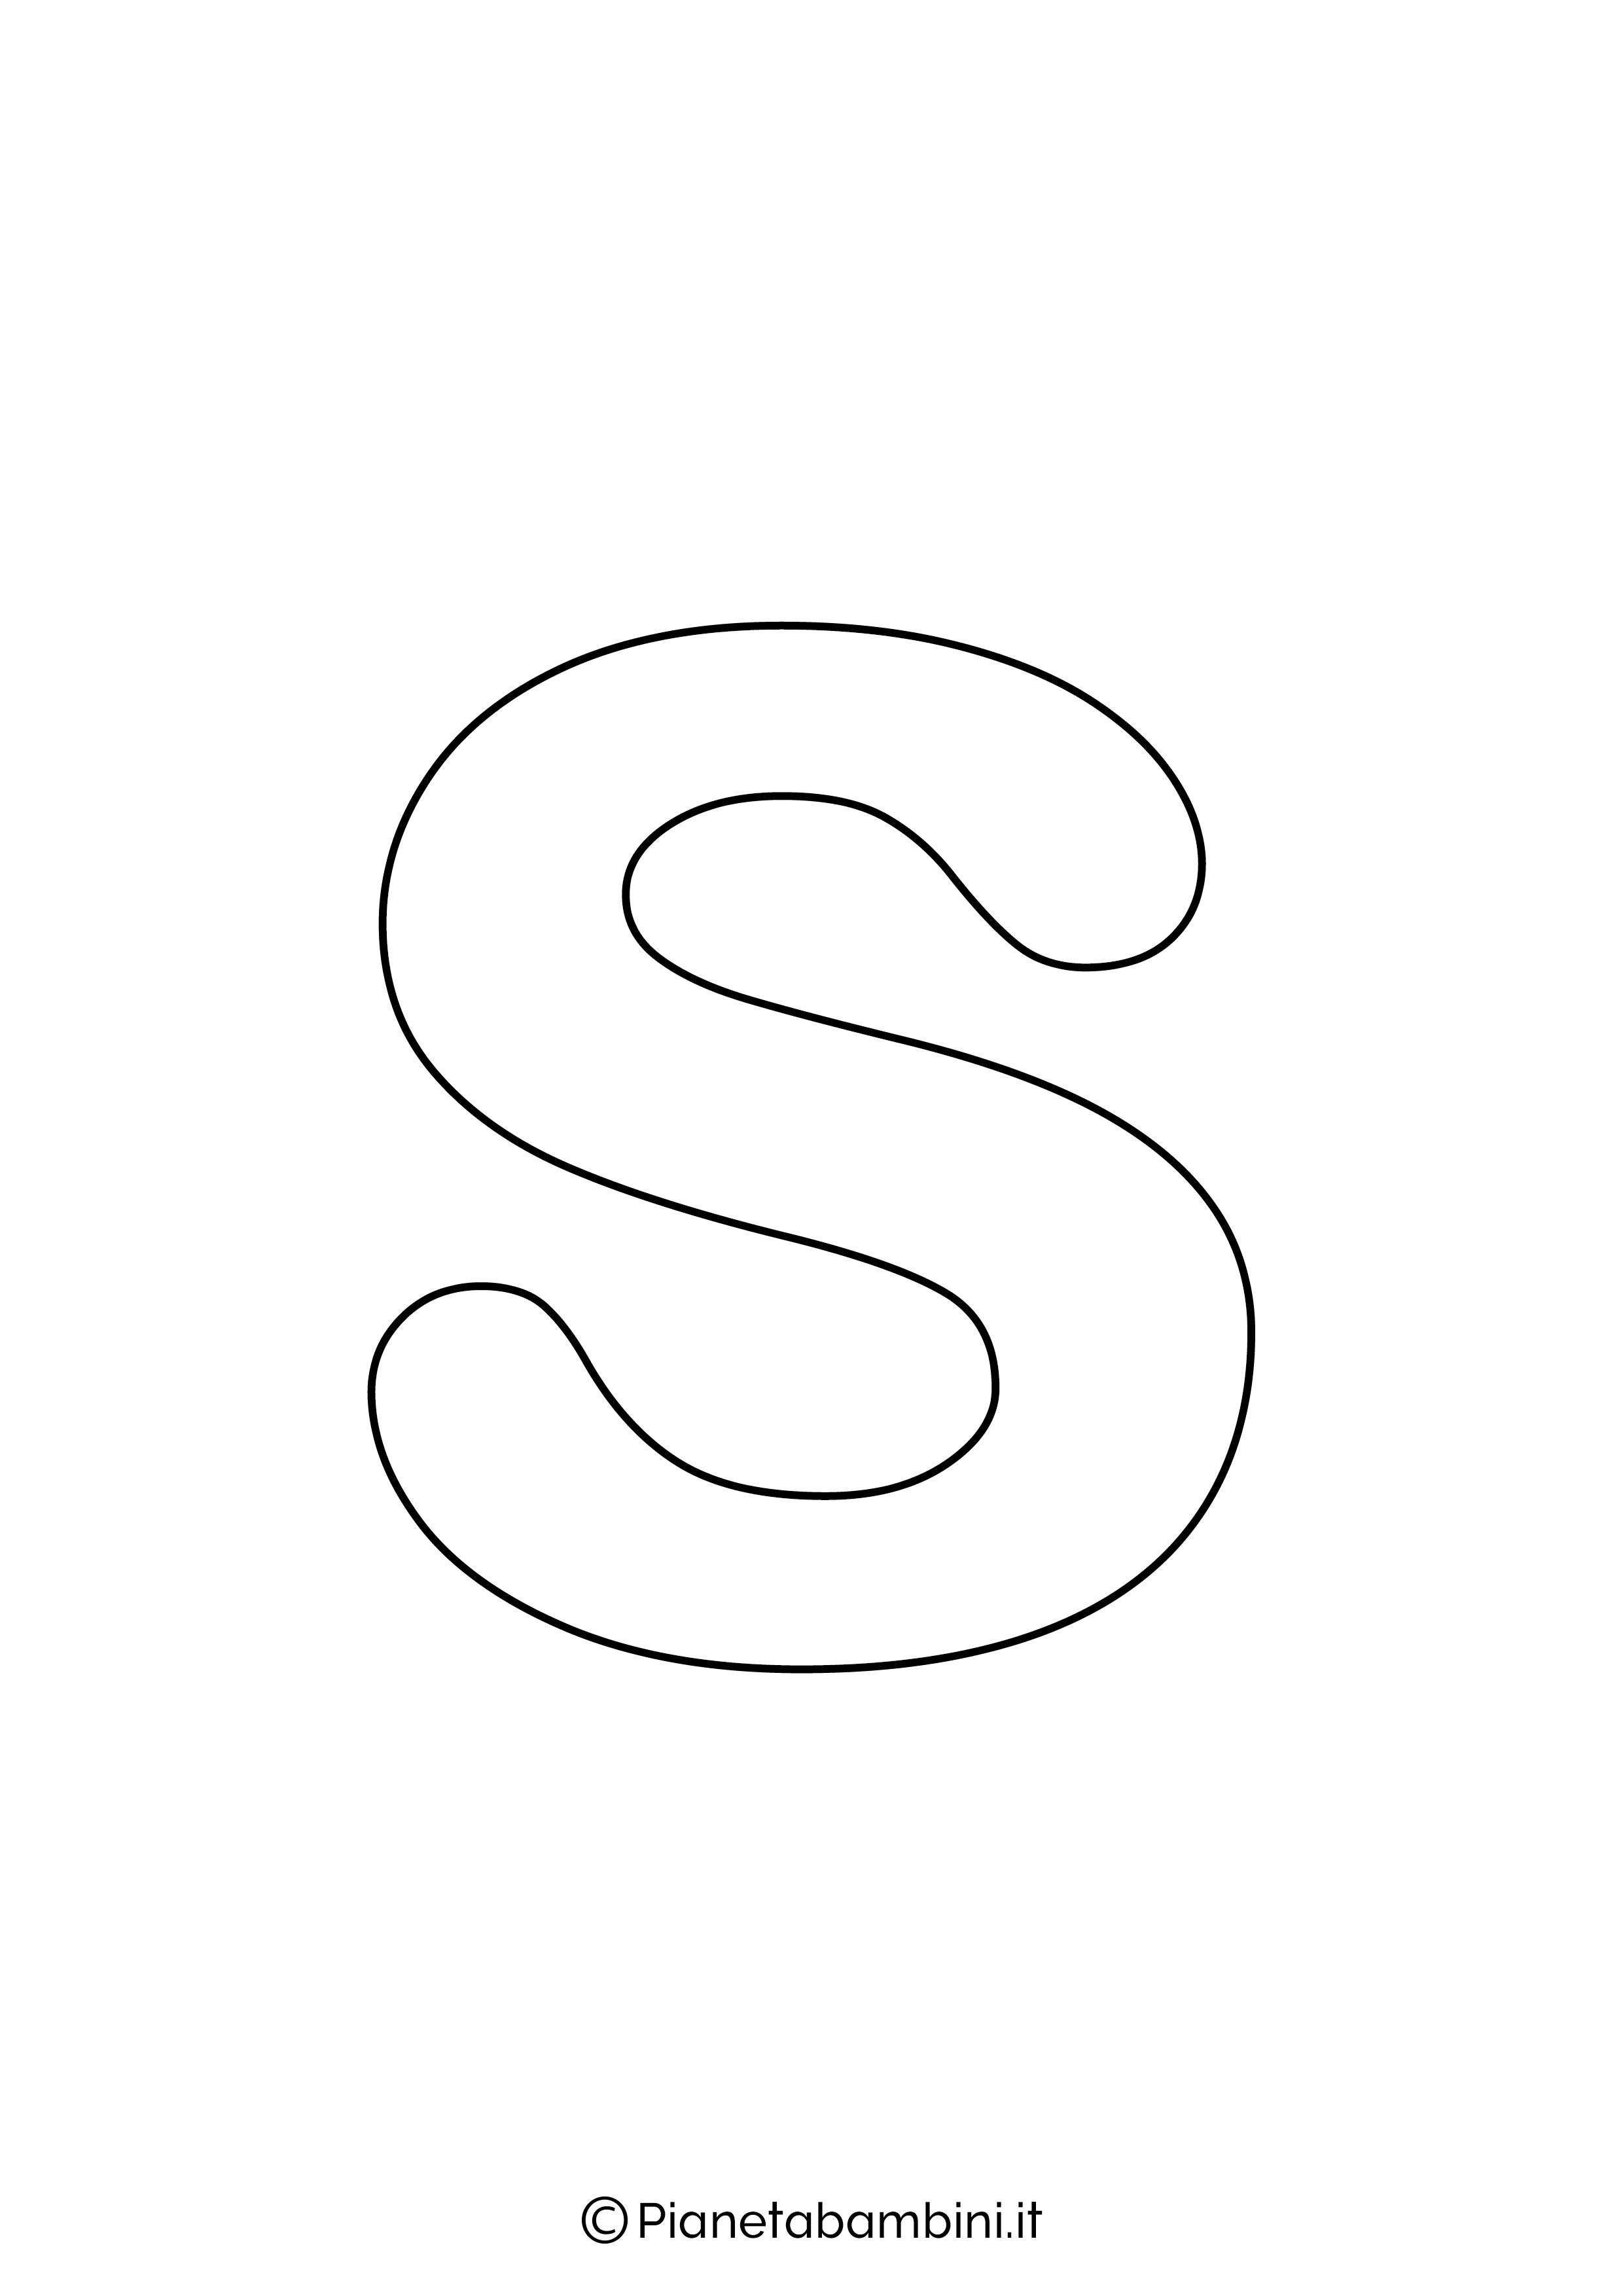 Lettera S minuscola da stampare